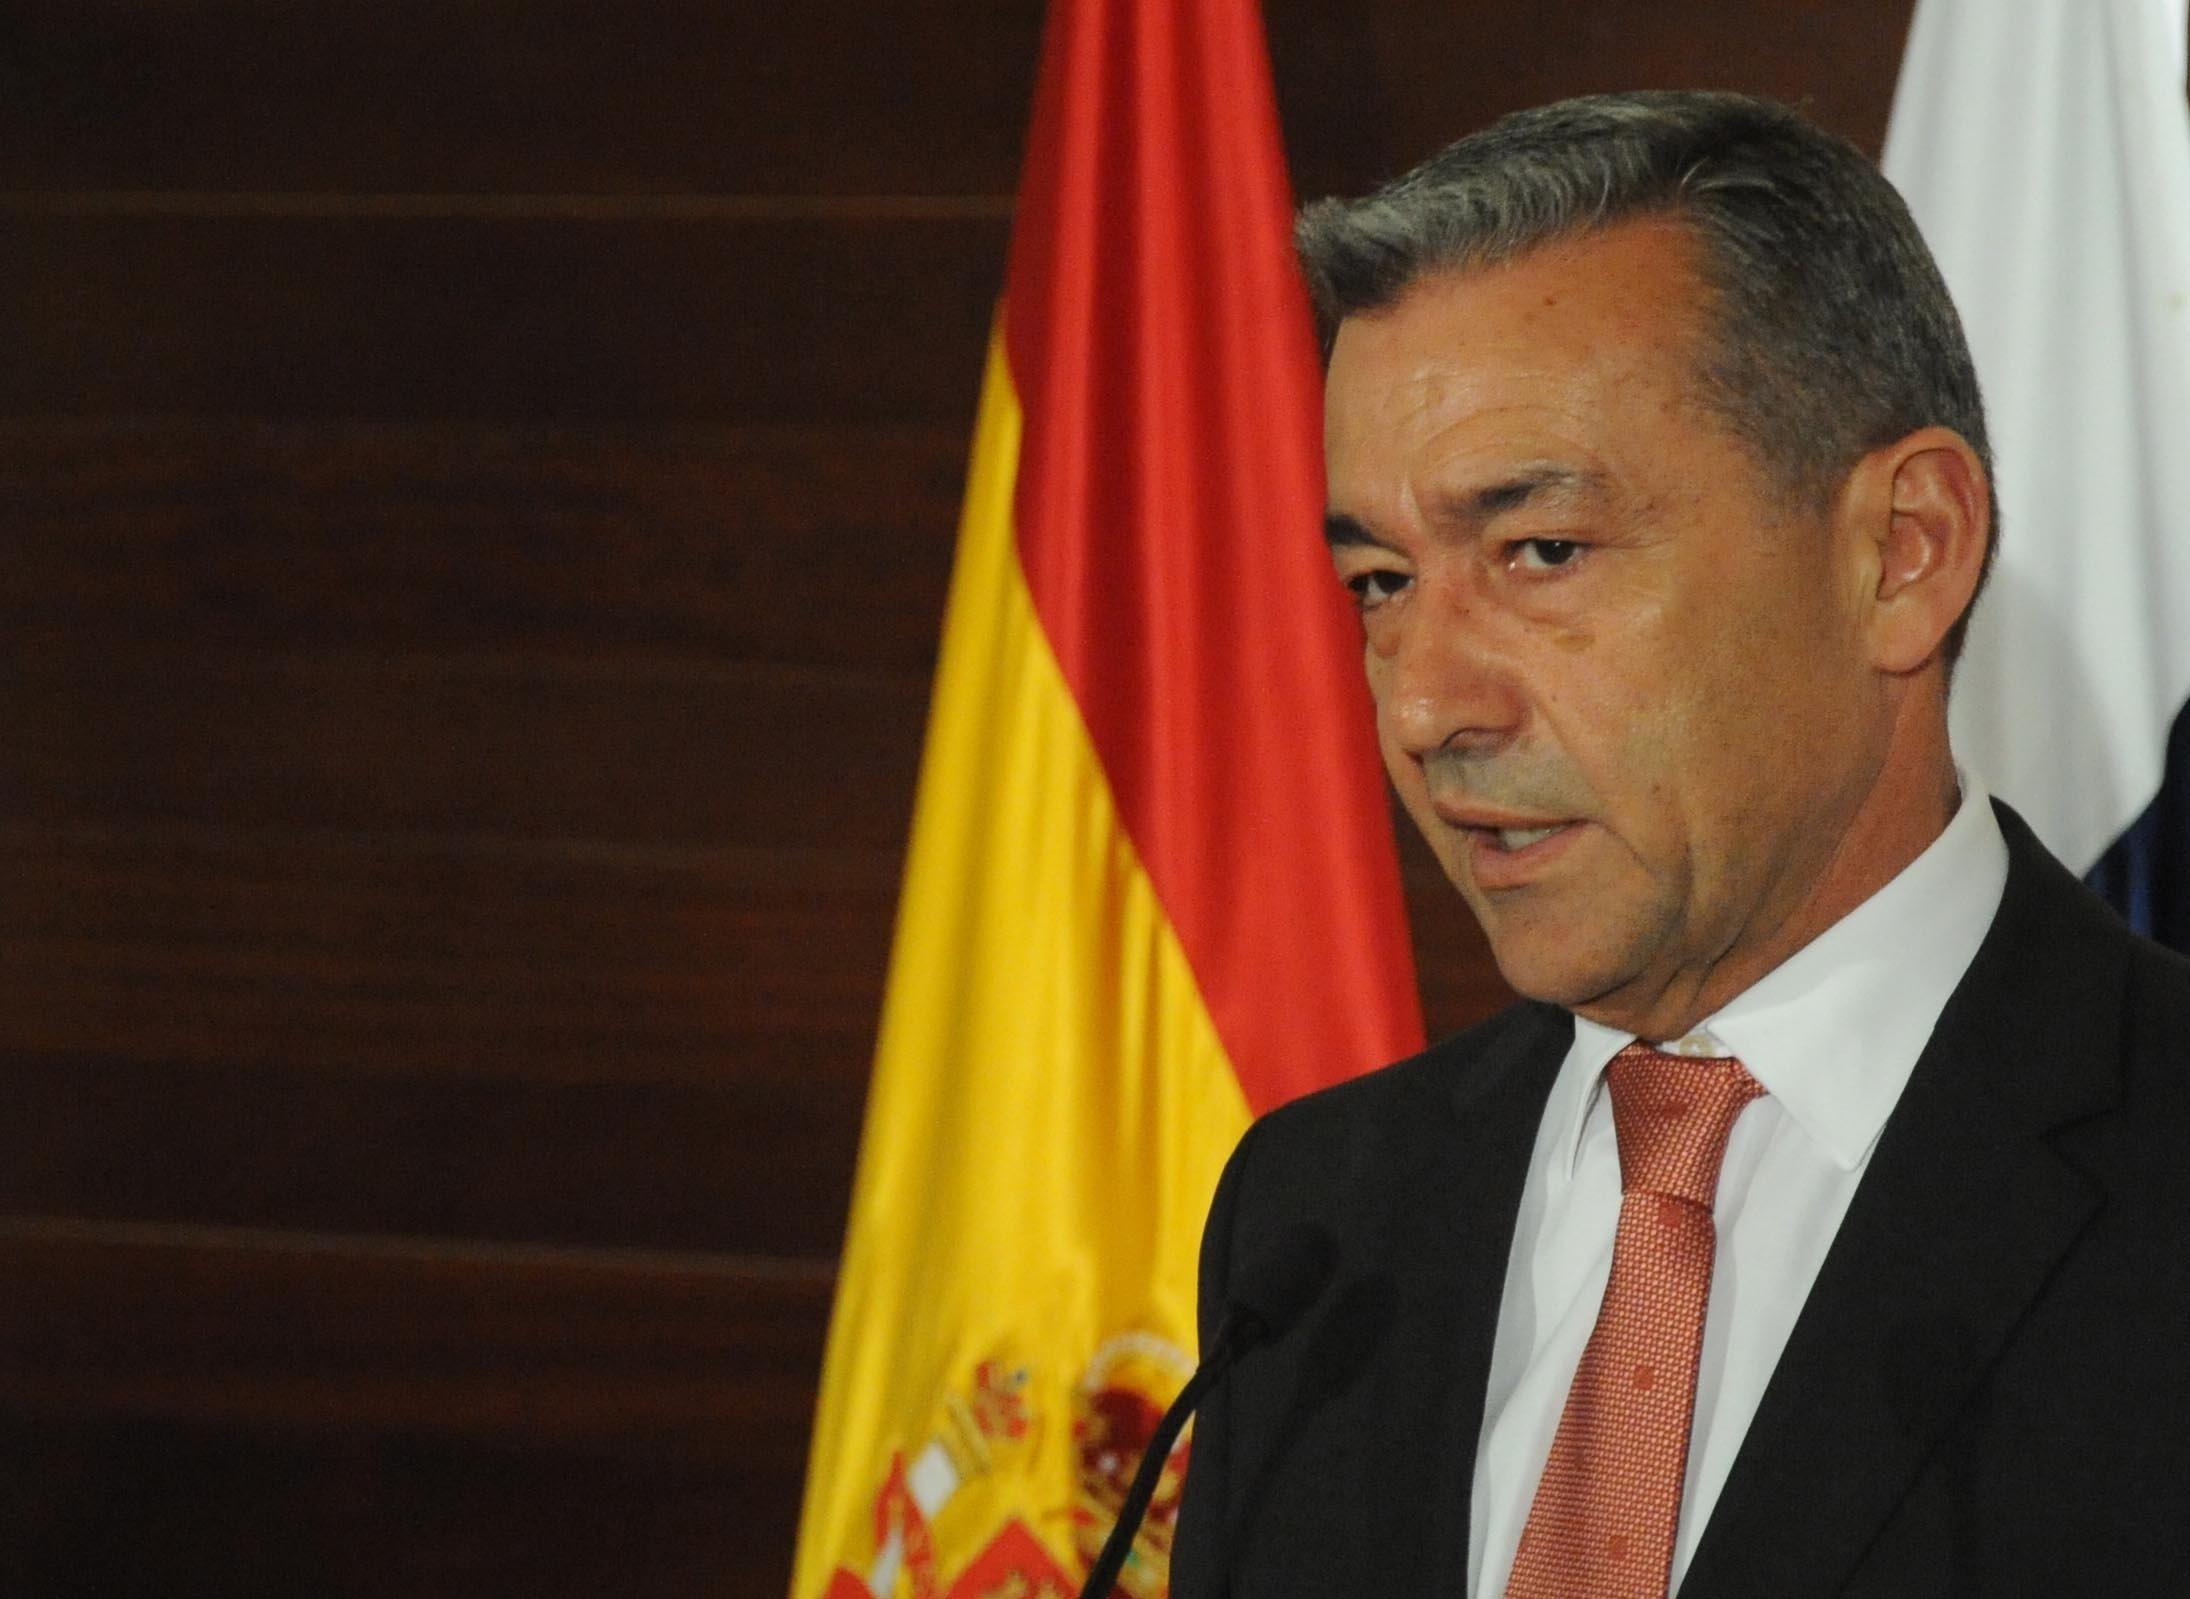 Rivero ofrece al PP un »Pacto por Canarias» que incluya el REF, la financiación autonómica y la relación con la UE